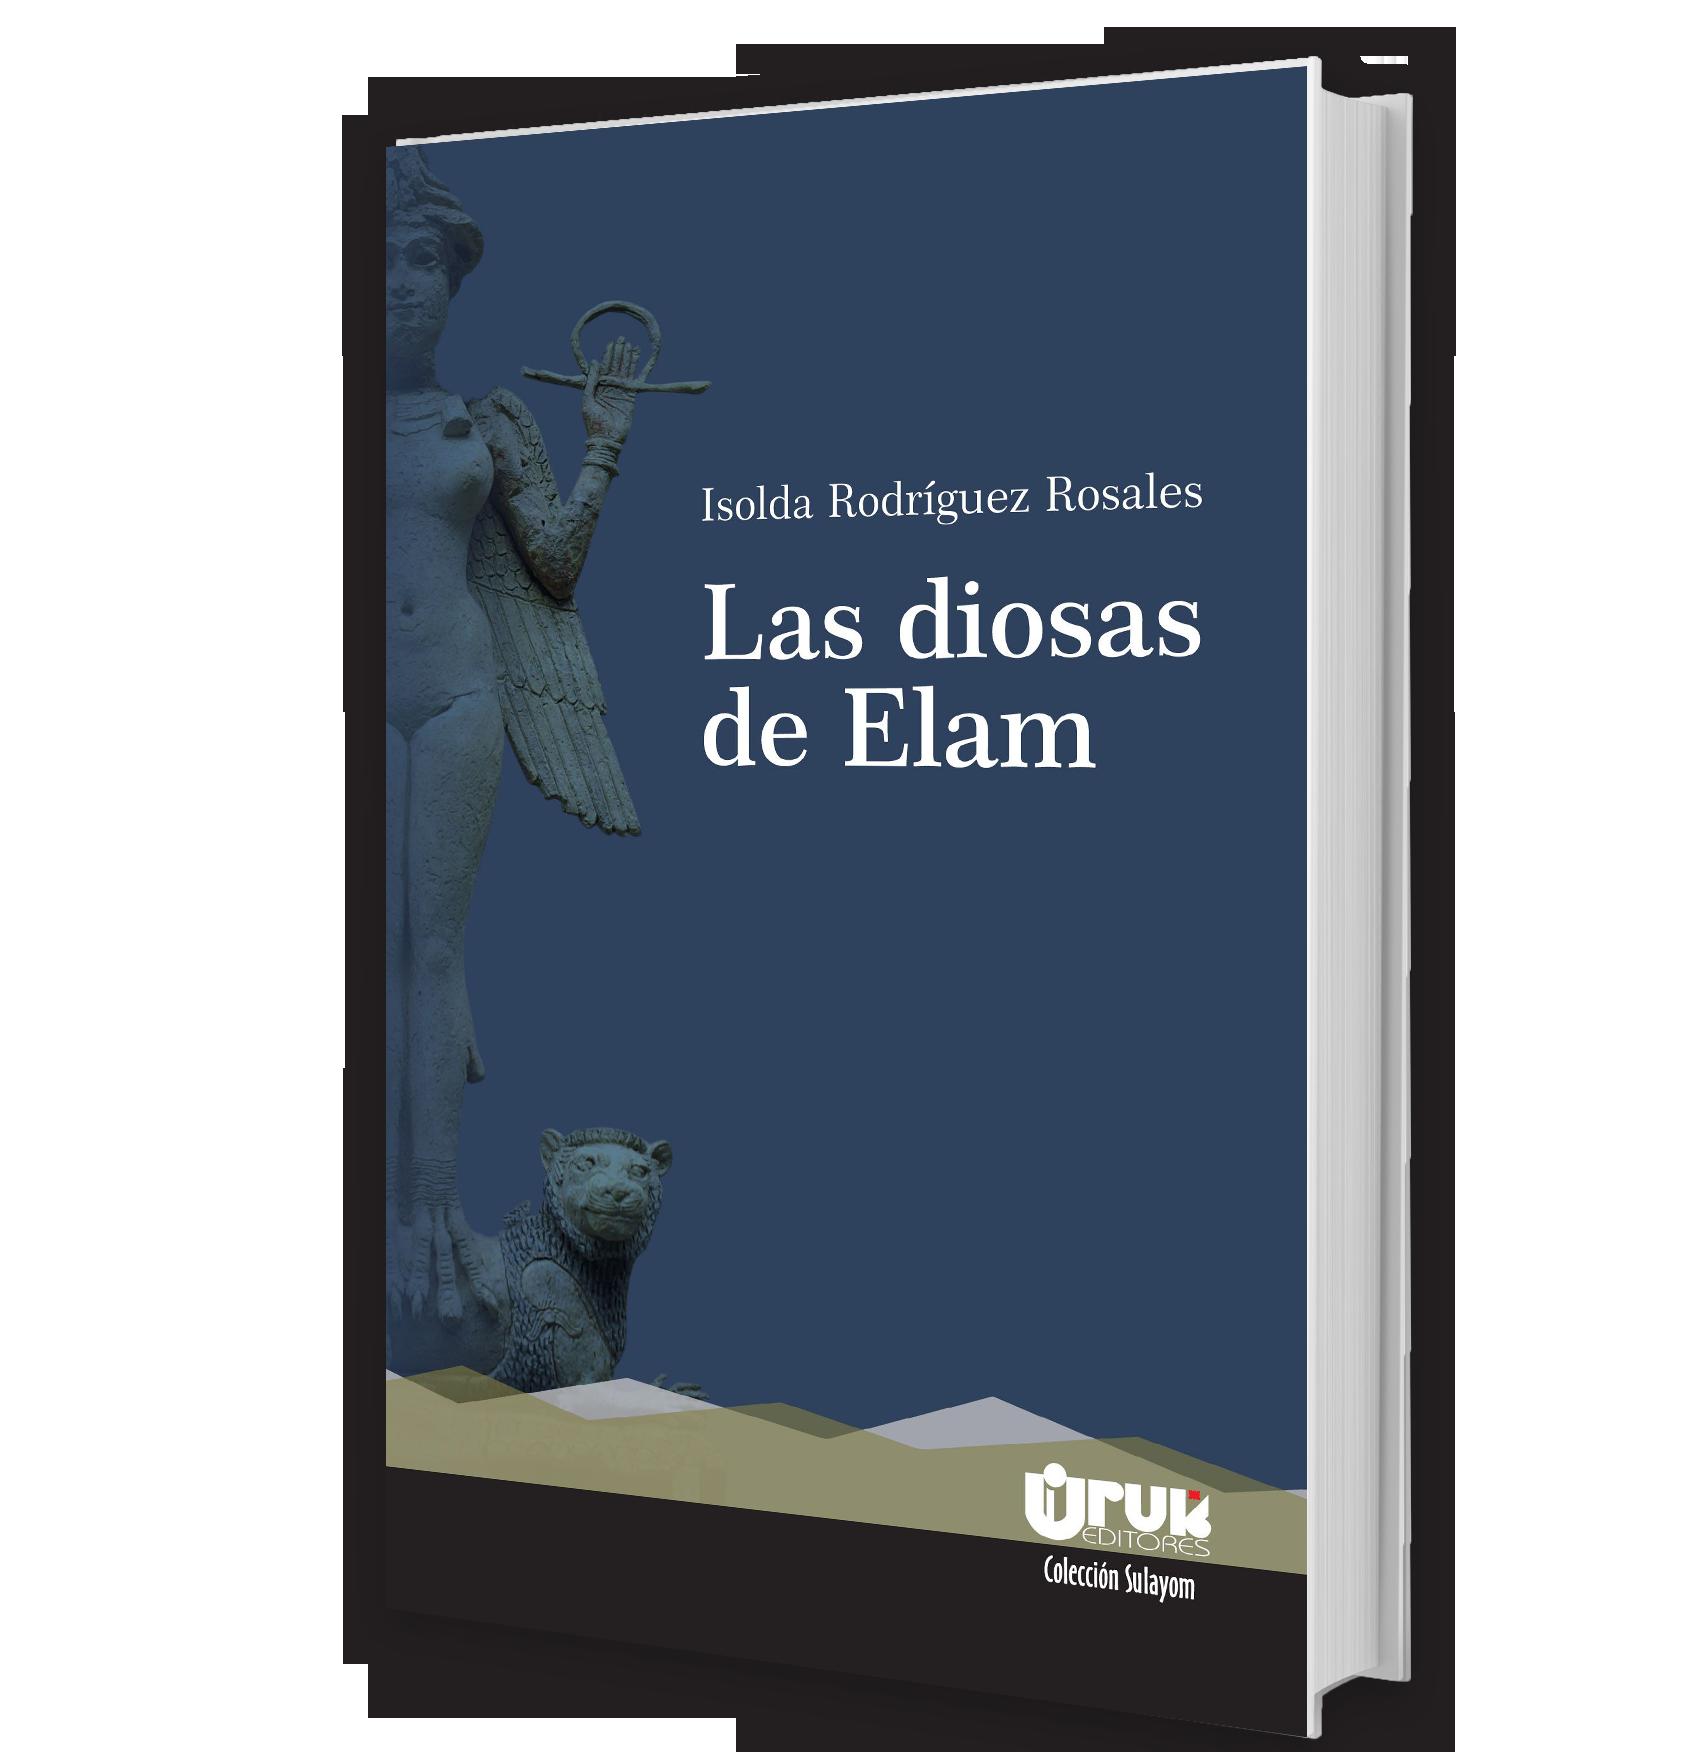 Las diosas de Elam